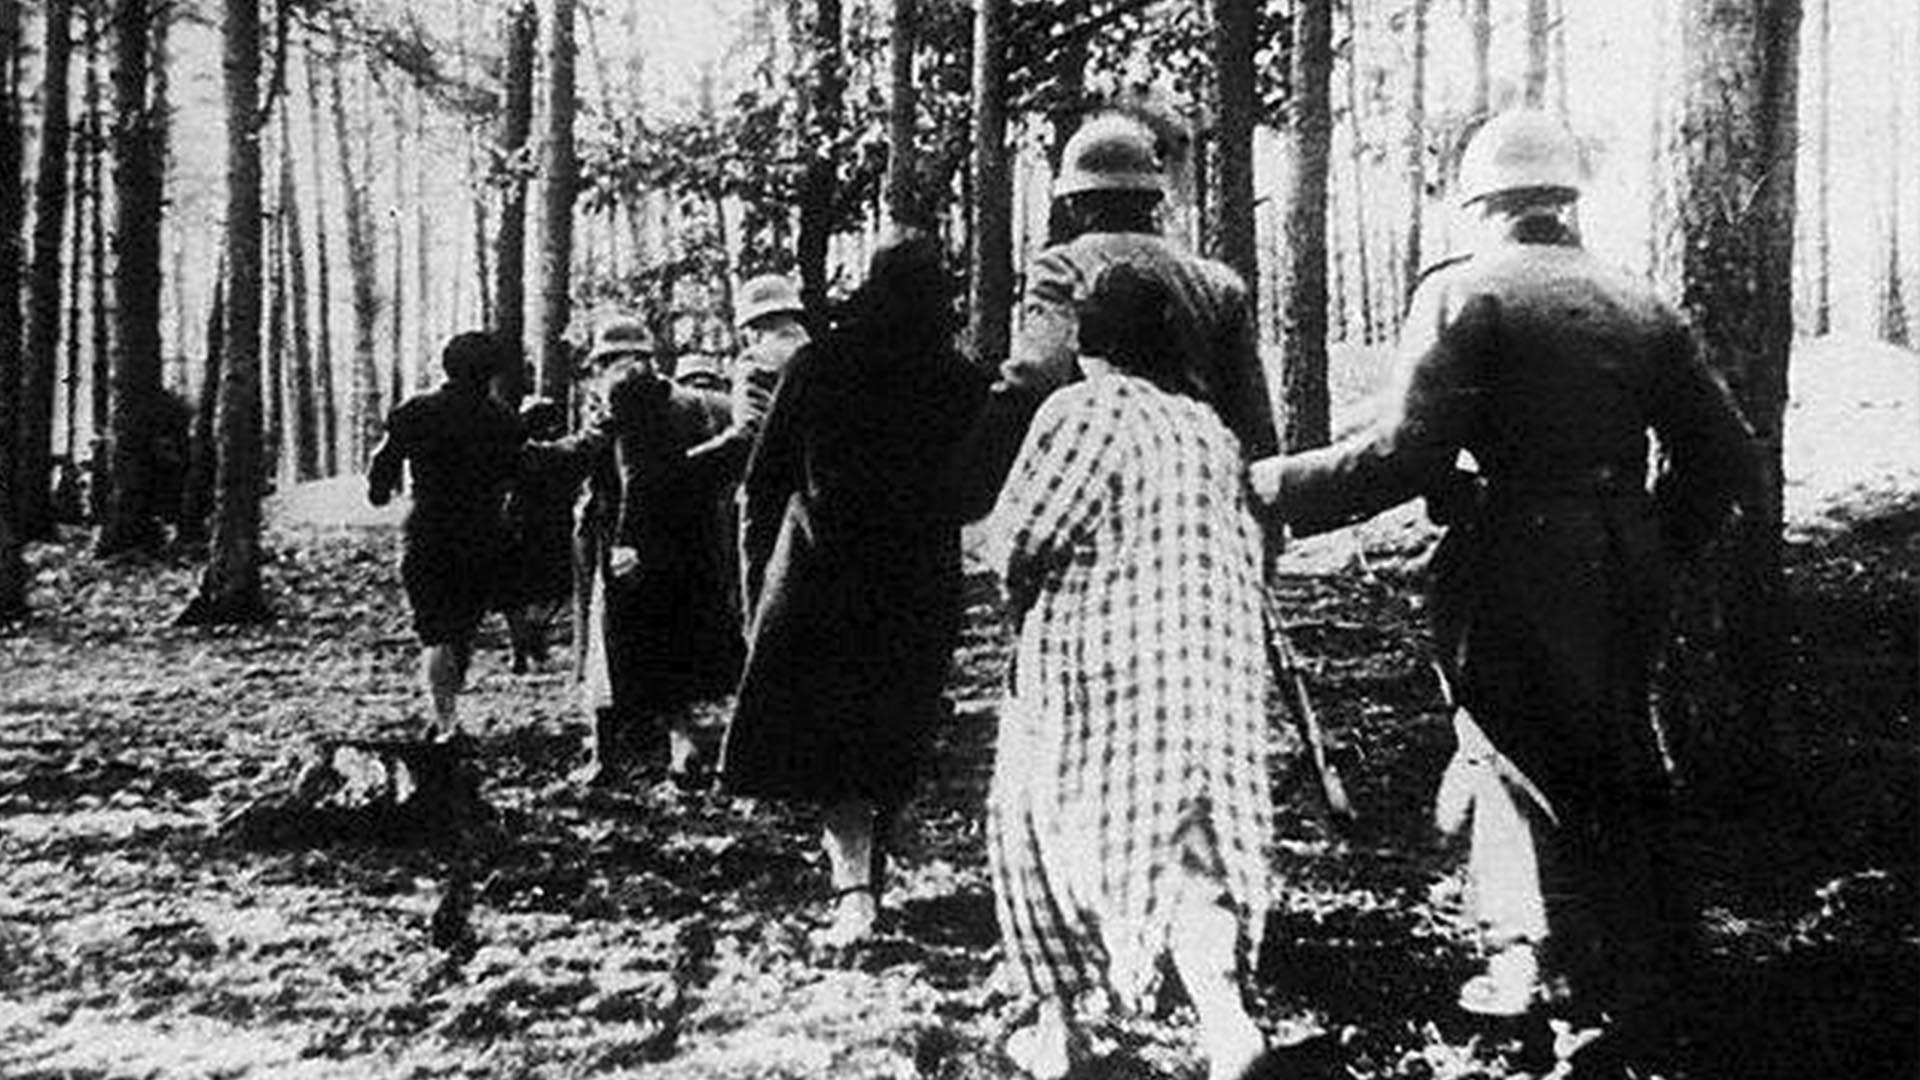 En junio de 1942 masacraron 6000 judíos y 2000 polacos católicos (Foto: Archivo Walter Von Reichenau)